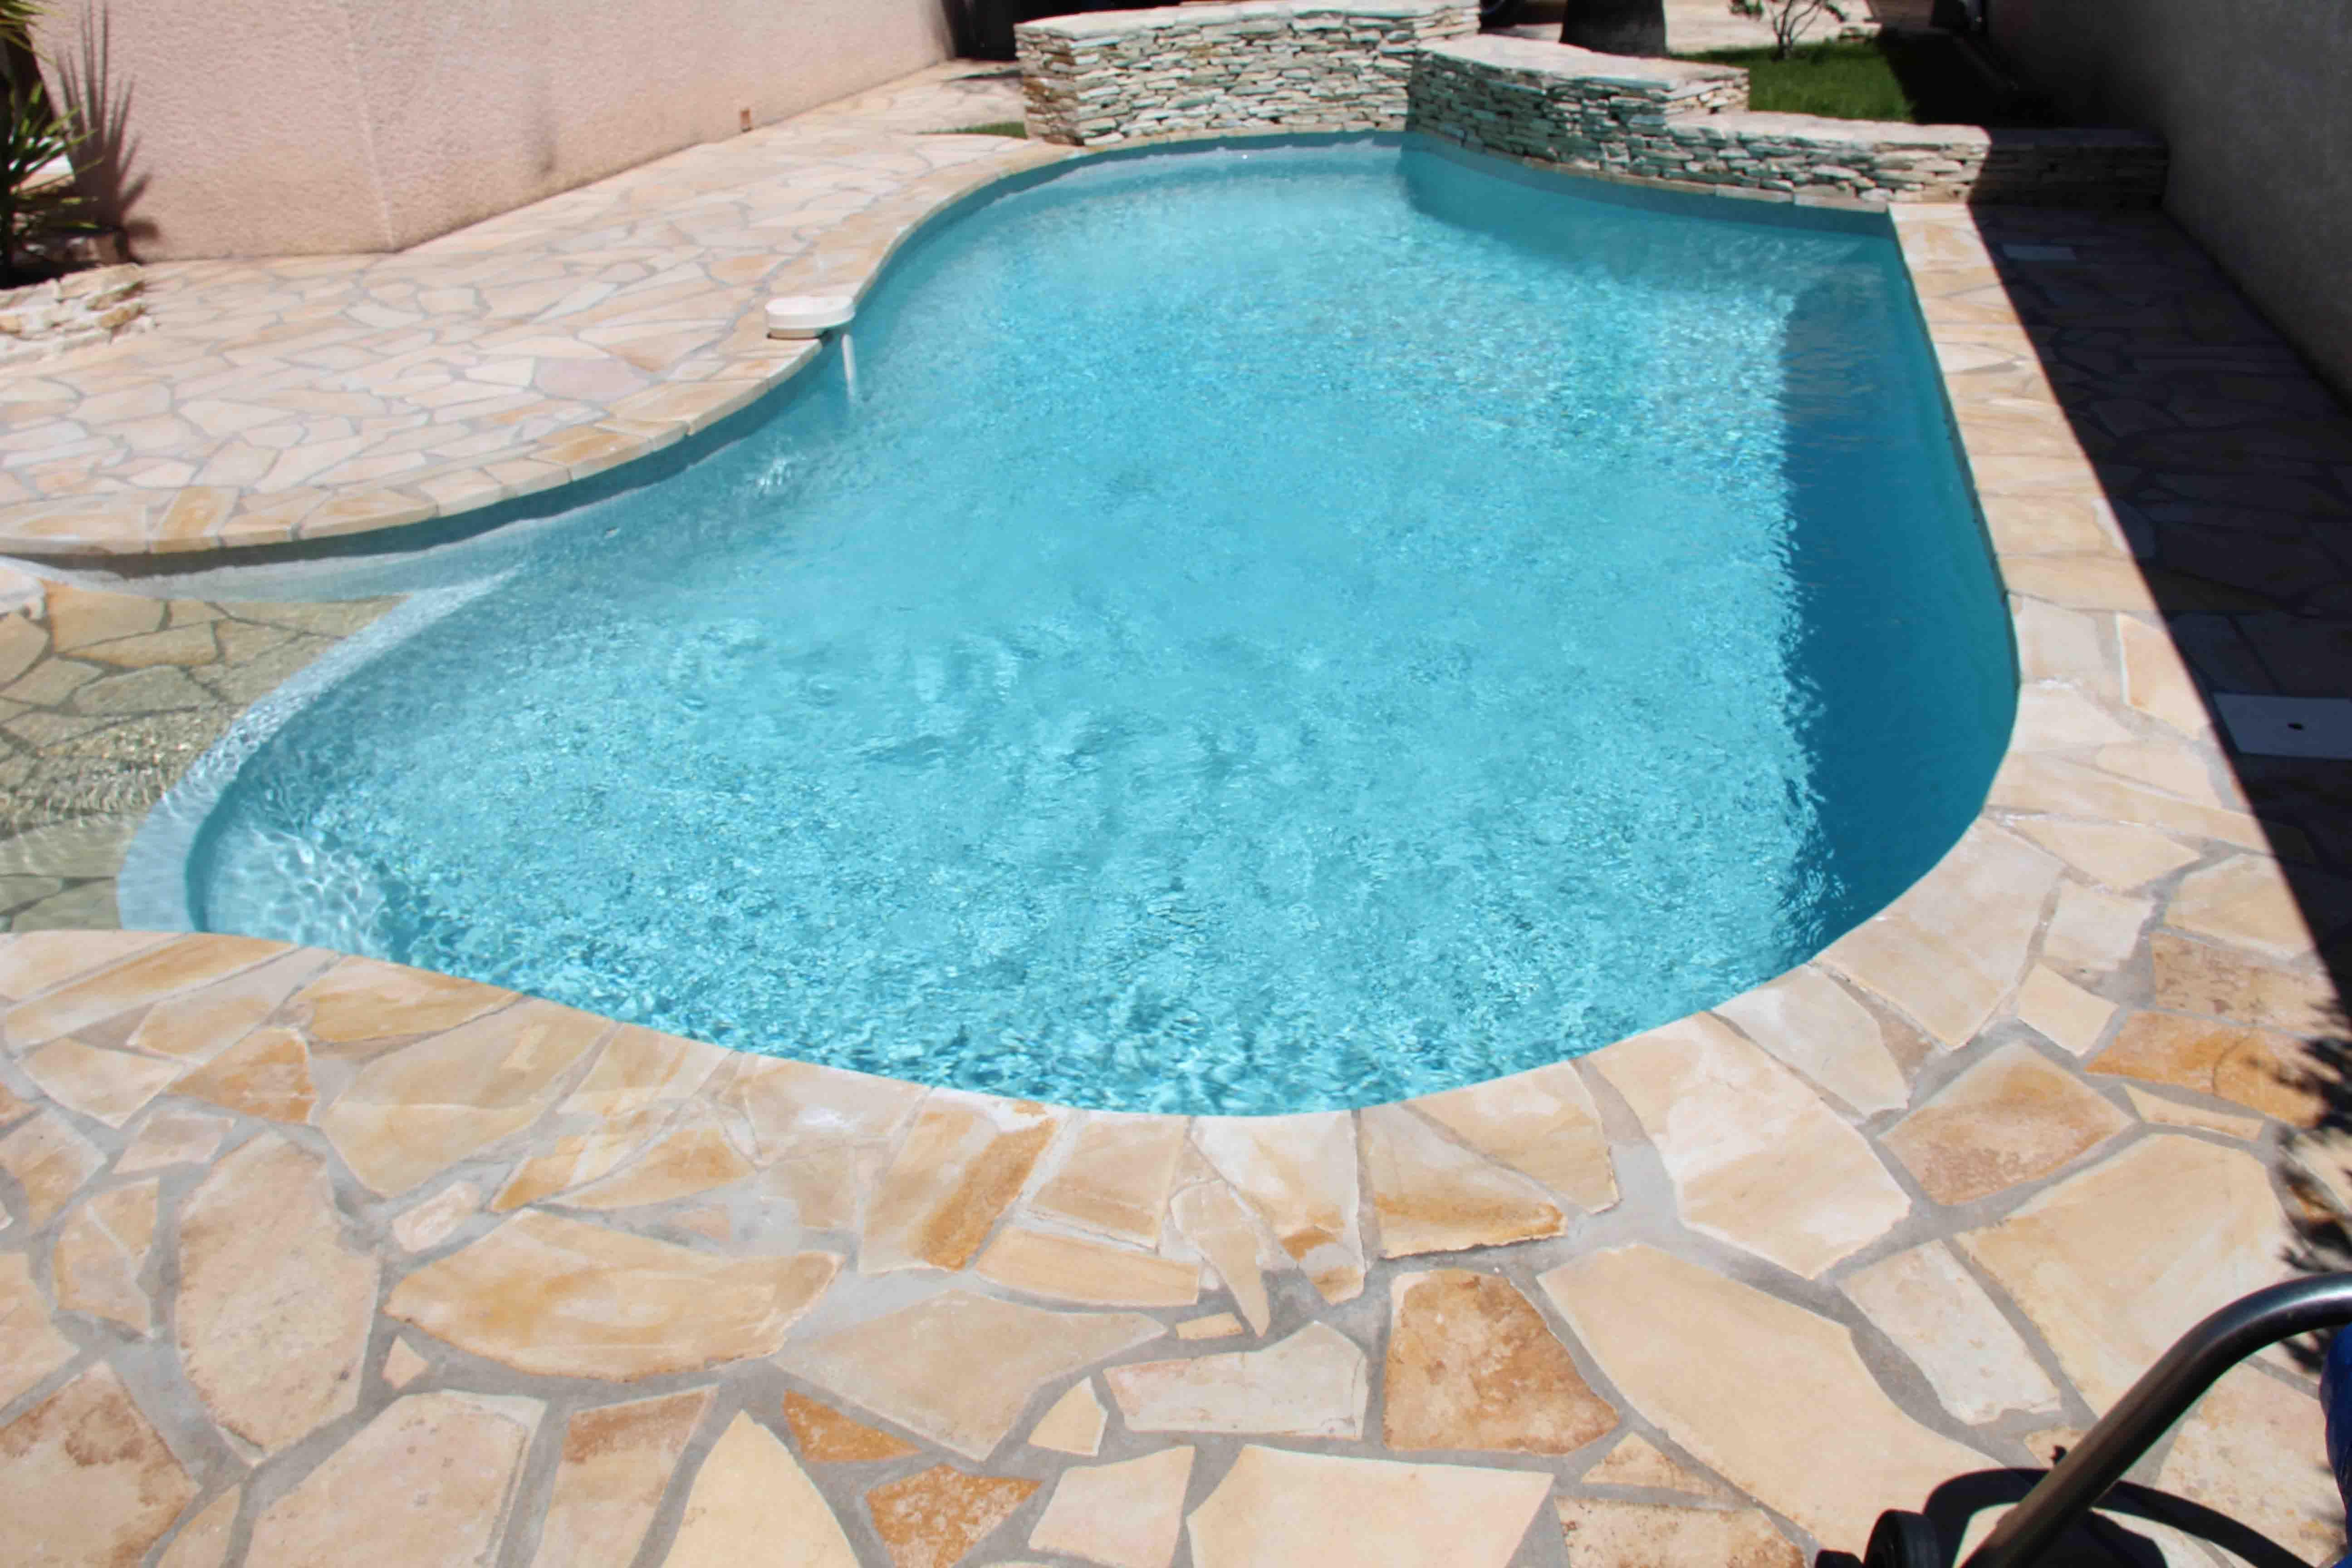 emaux de verre ezarri 2522b carrelage piscine gris perle